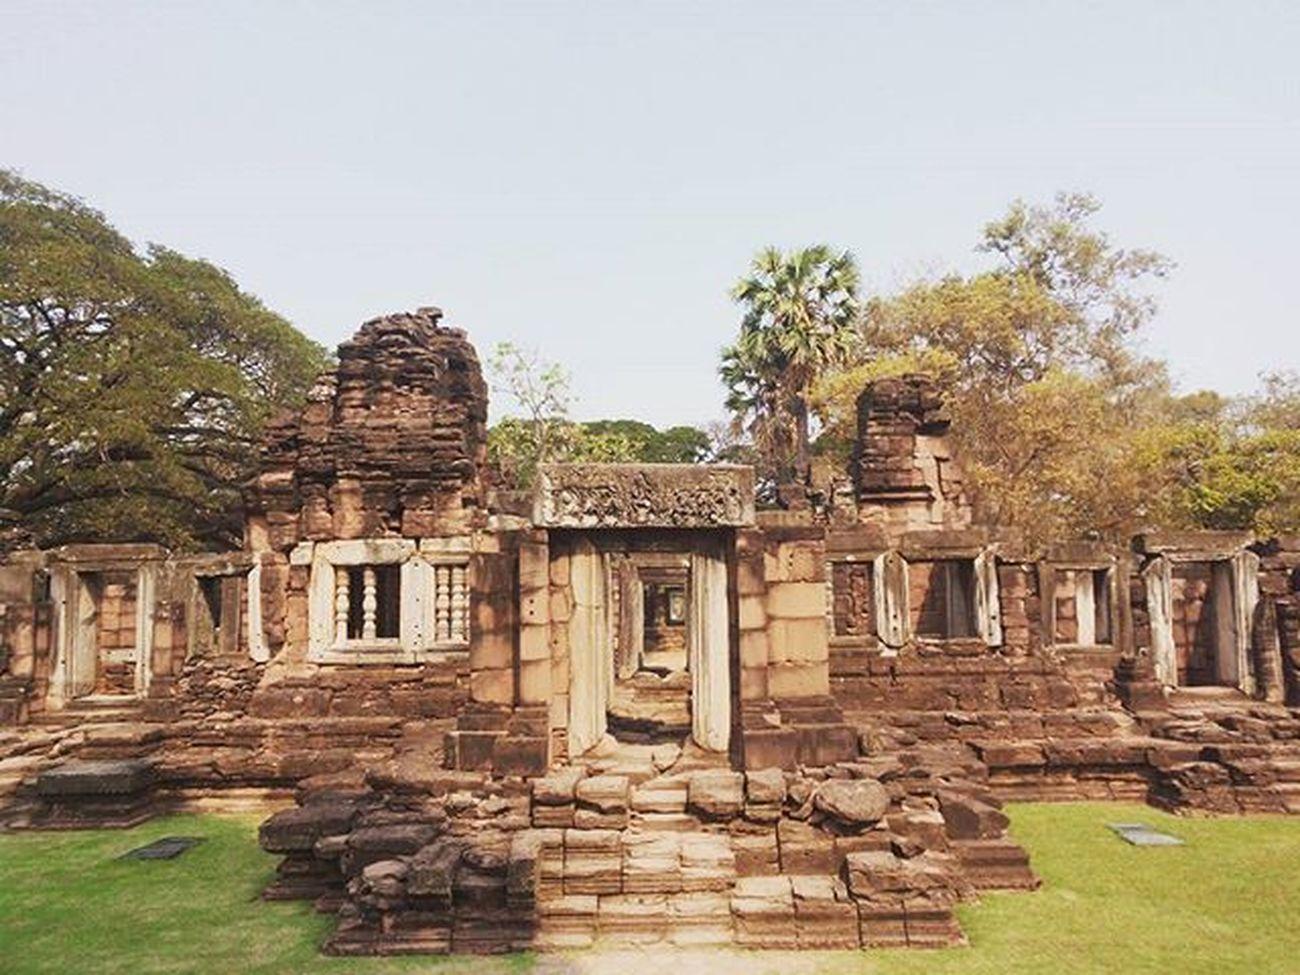 รีวิวโคราช รีวิวไทยแลนด์ Reviewkorat Reviewthailand